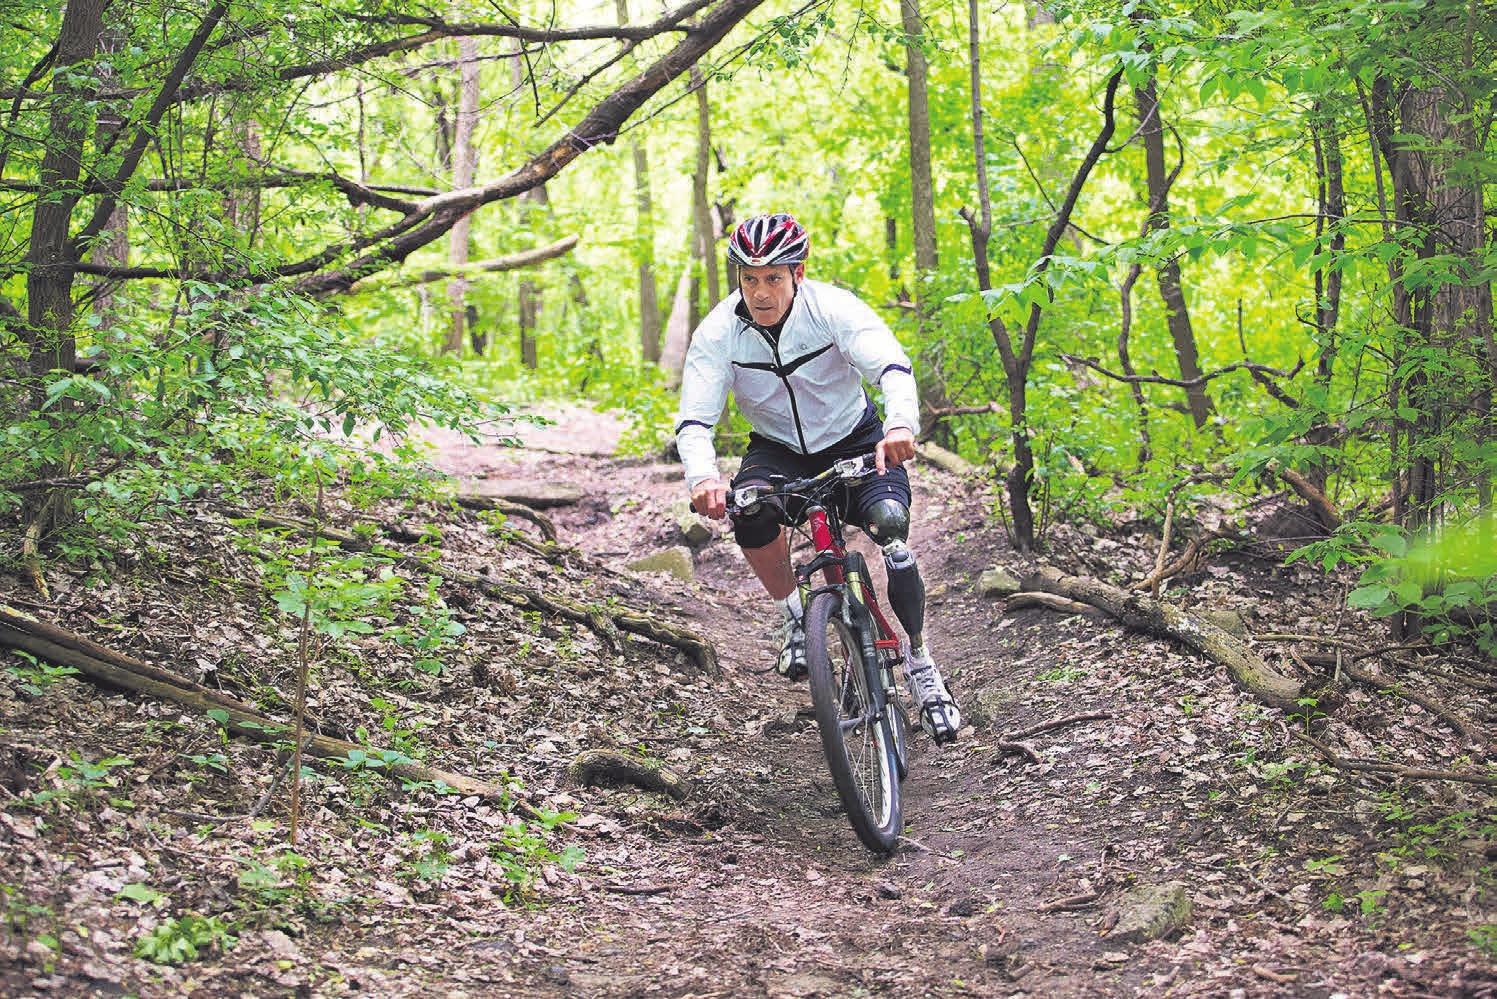 Radfahren, joggen oder arbeiten? Für die jeweiligen Aktivitäten lassen sich mit dem Genium X3 Einstellungen konfigurieren. FOTO: OTTOBOCK